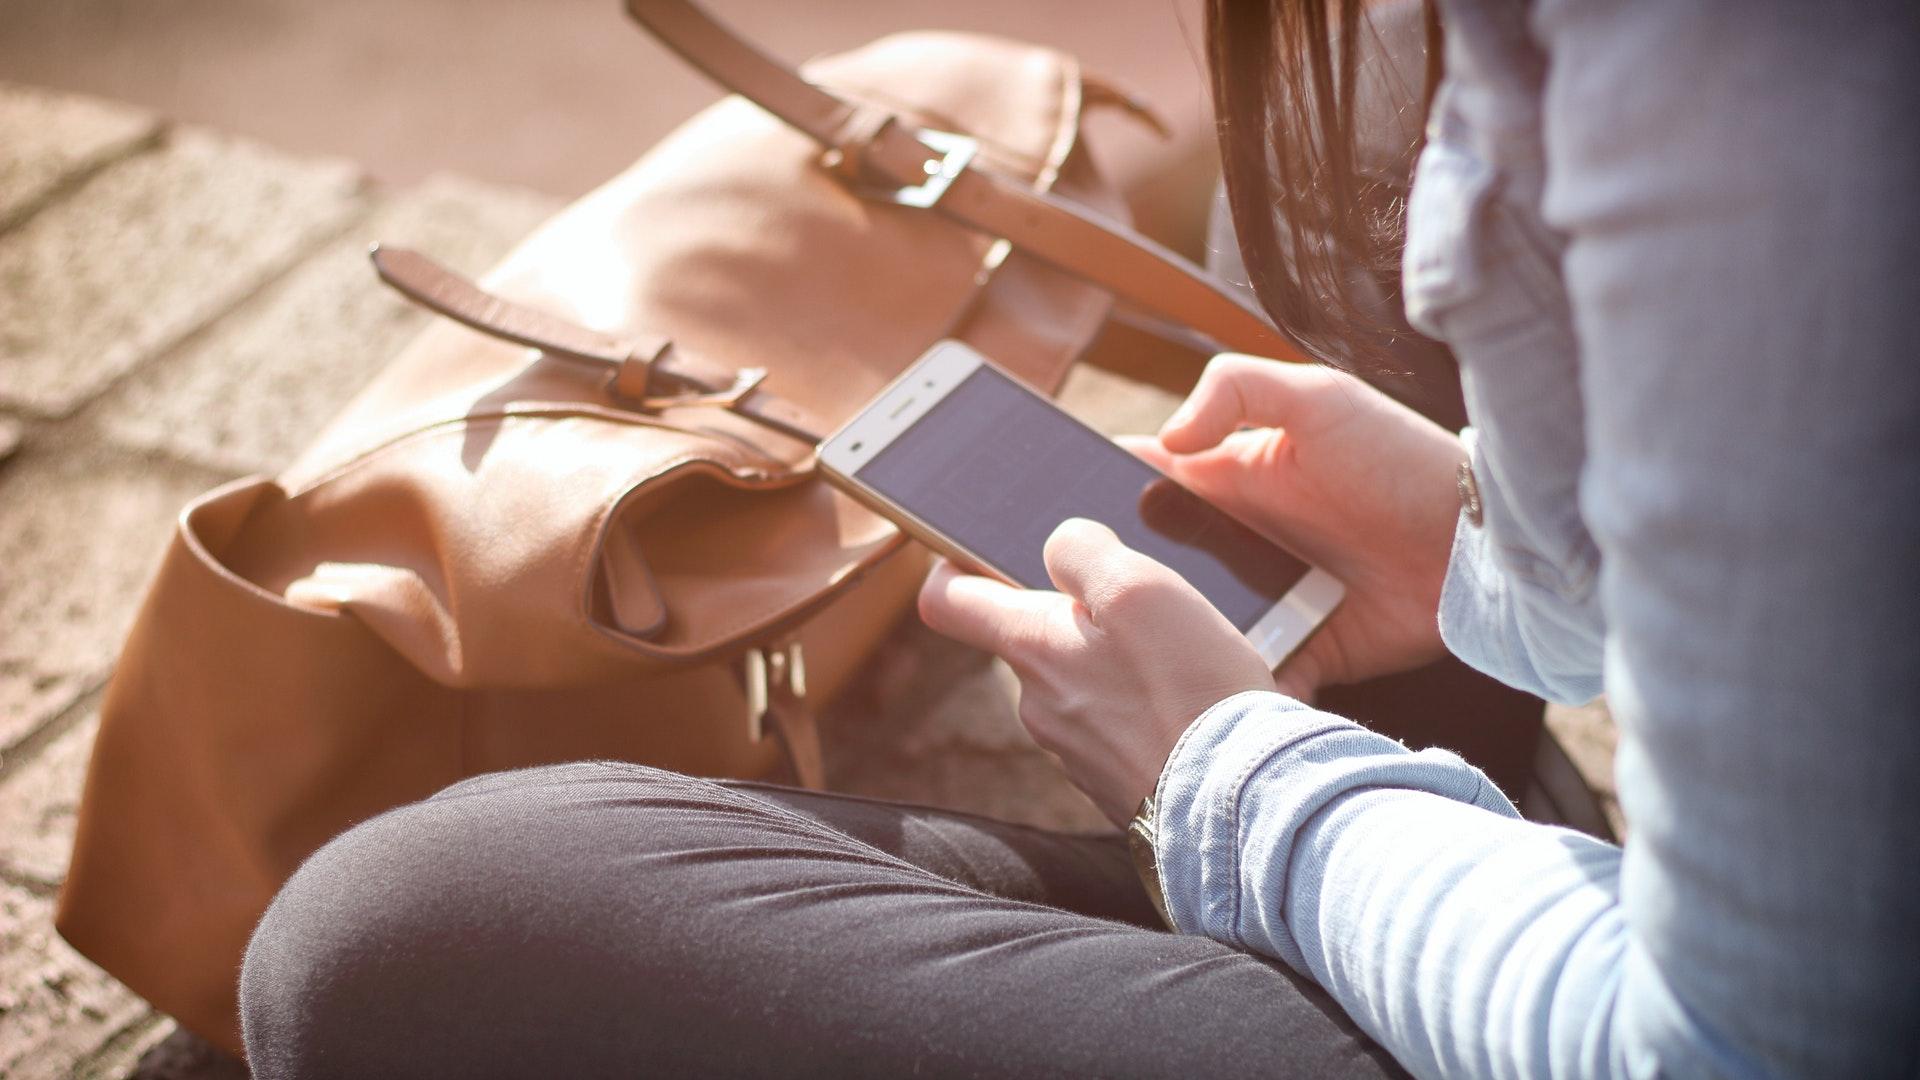 Samsung Smartphones Launching in 2021